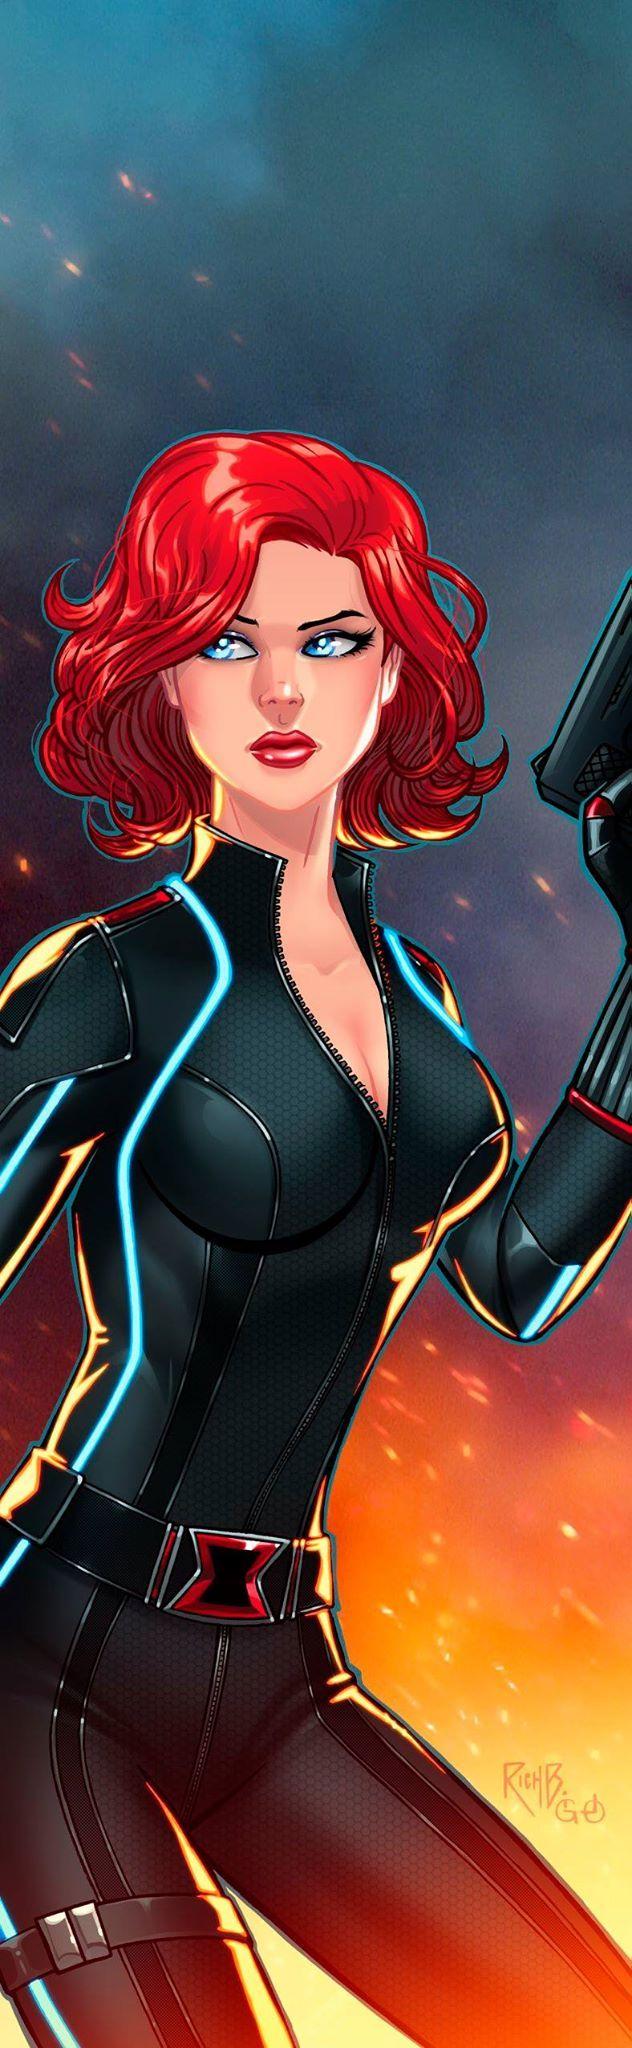 Black Widow Panel Art 2 by RichBernatovech.deviantart.com on @DeviantArt